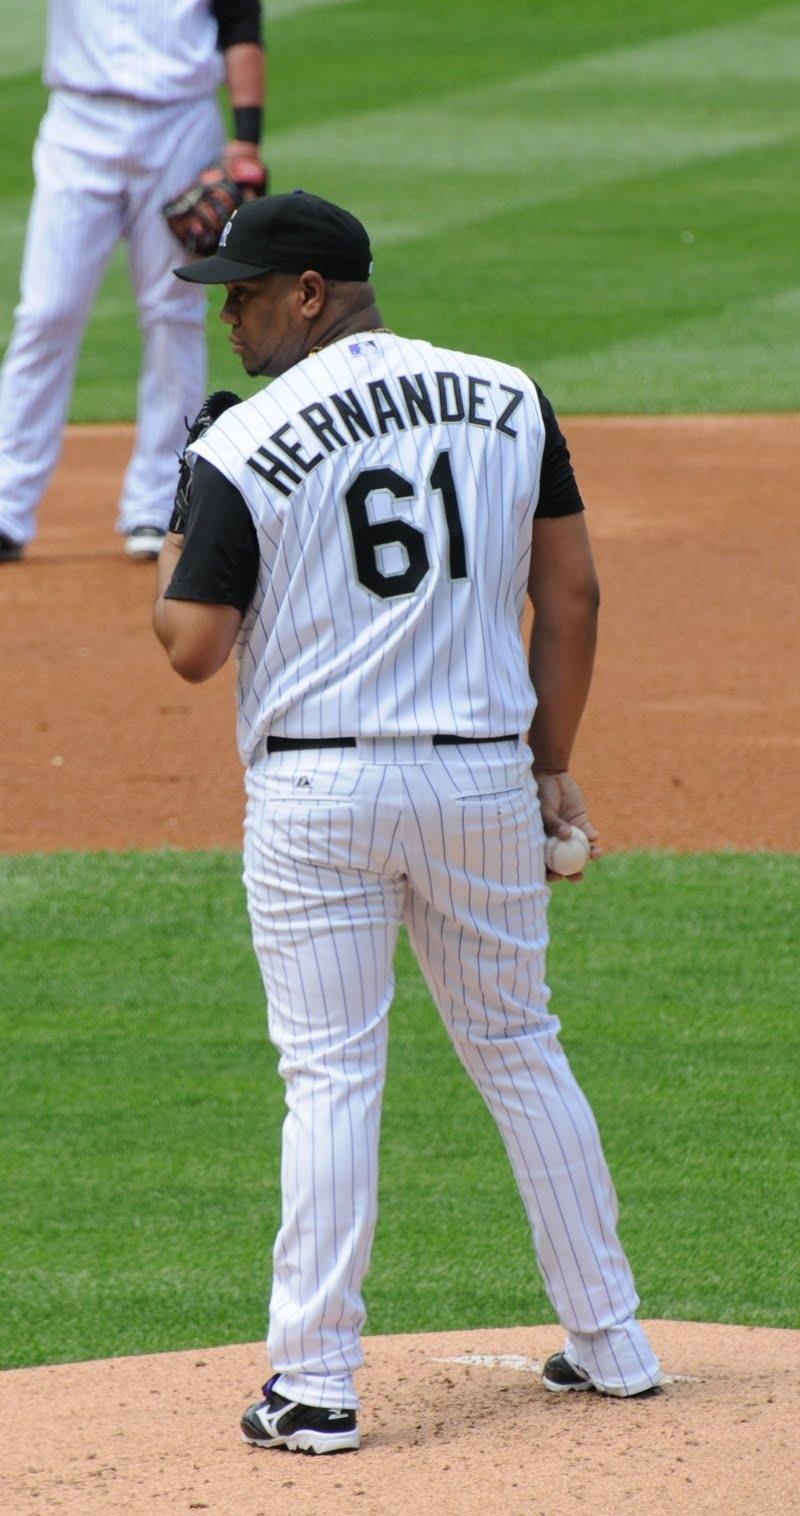 Liván Hernández